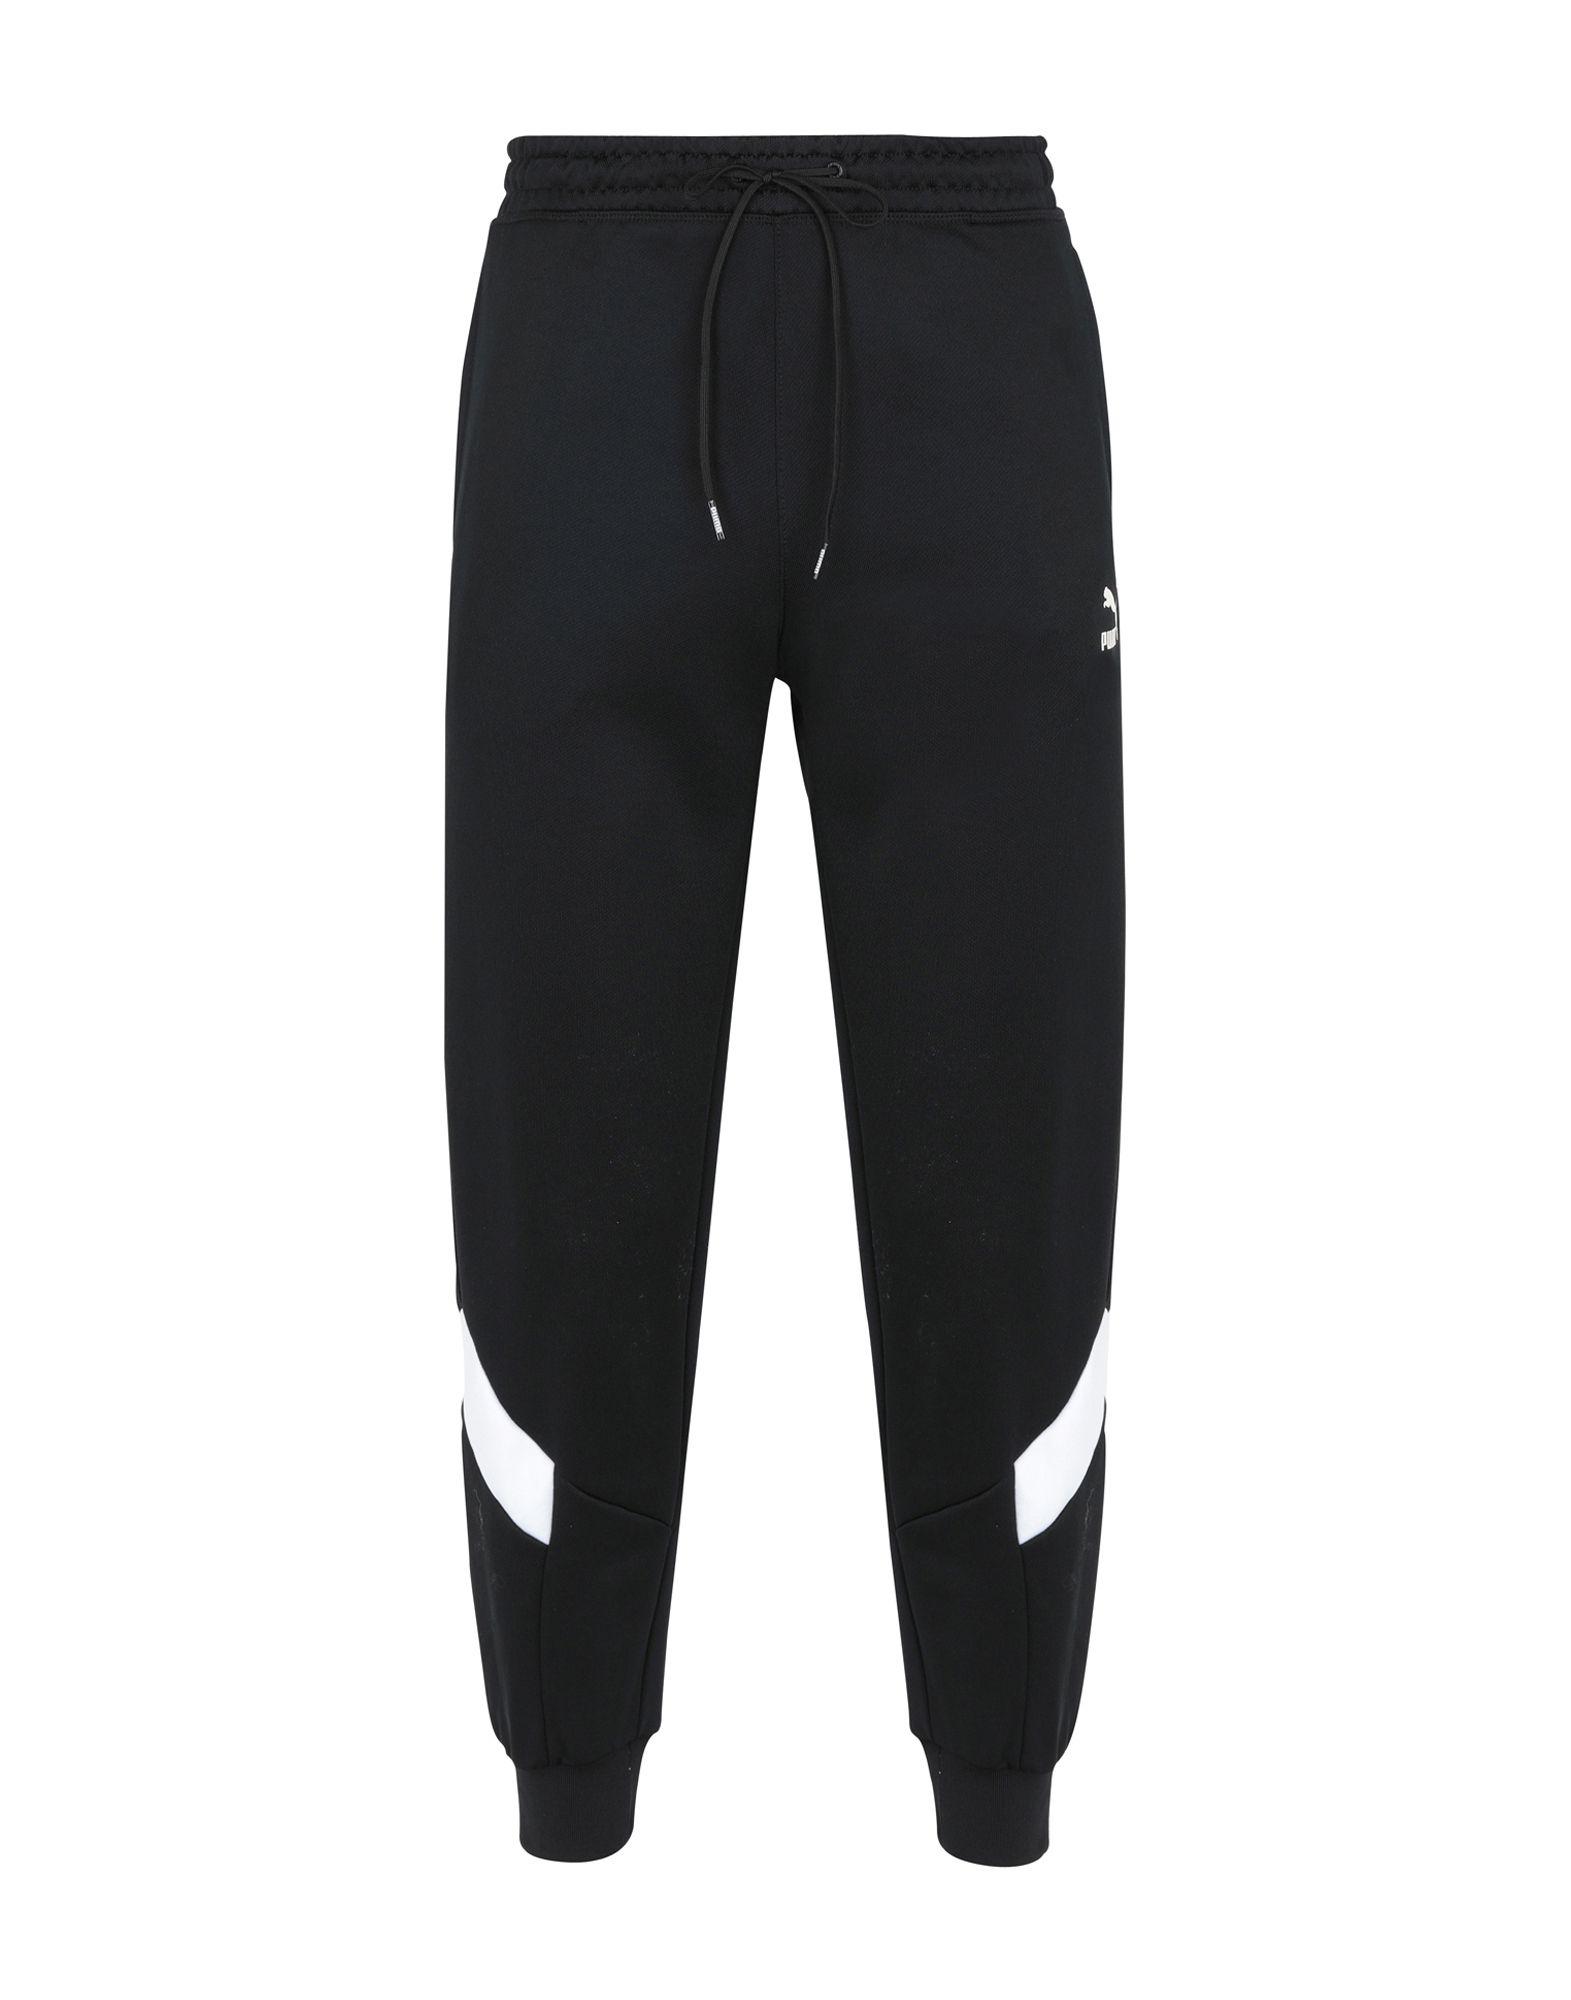 7c89ab34b0f9e5 Abbigliamento sportivo Puma Uomo - Acquista online su YOOX